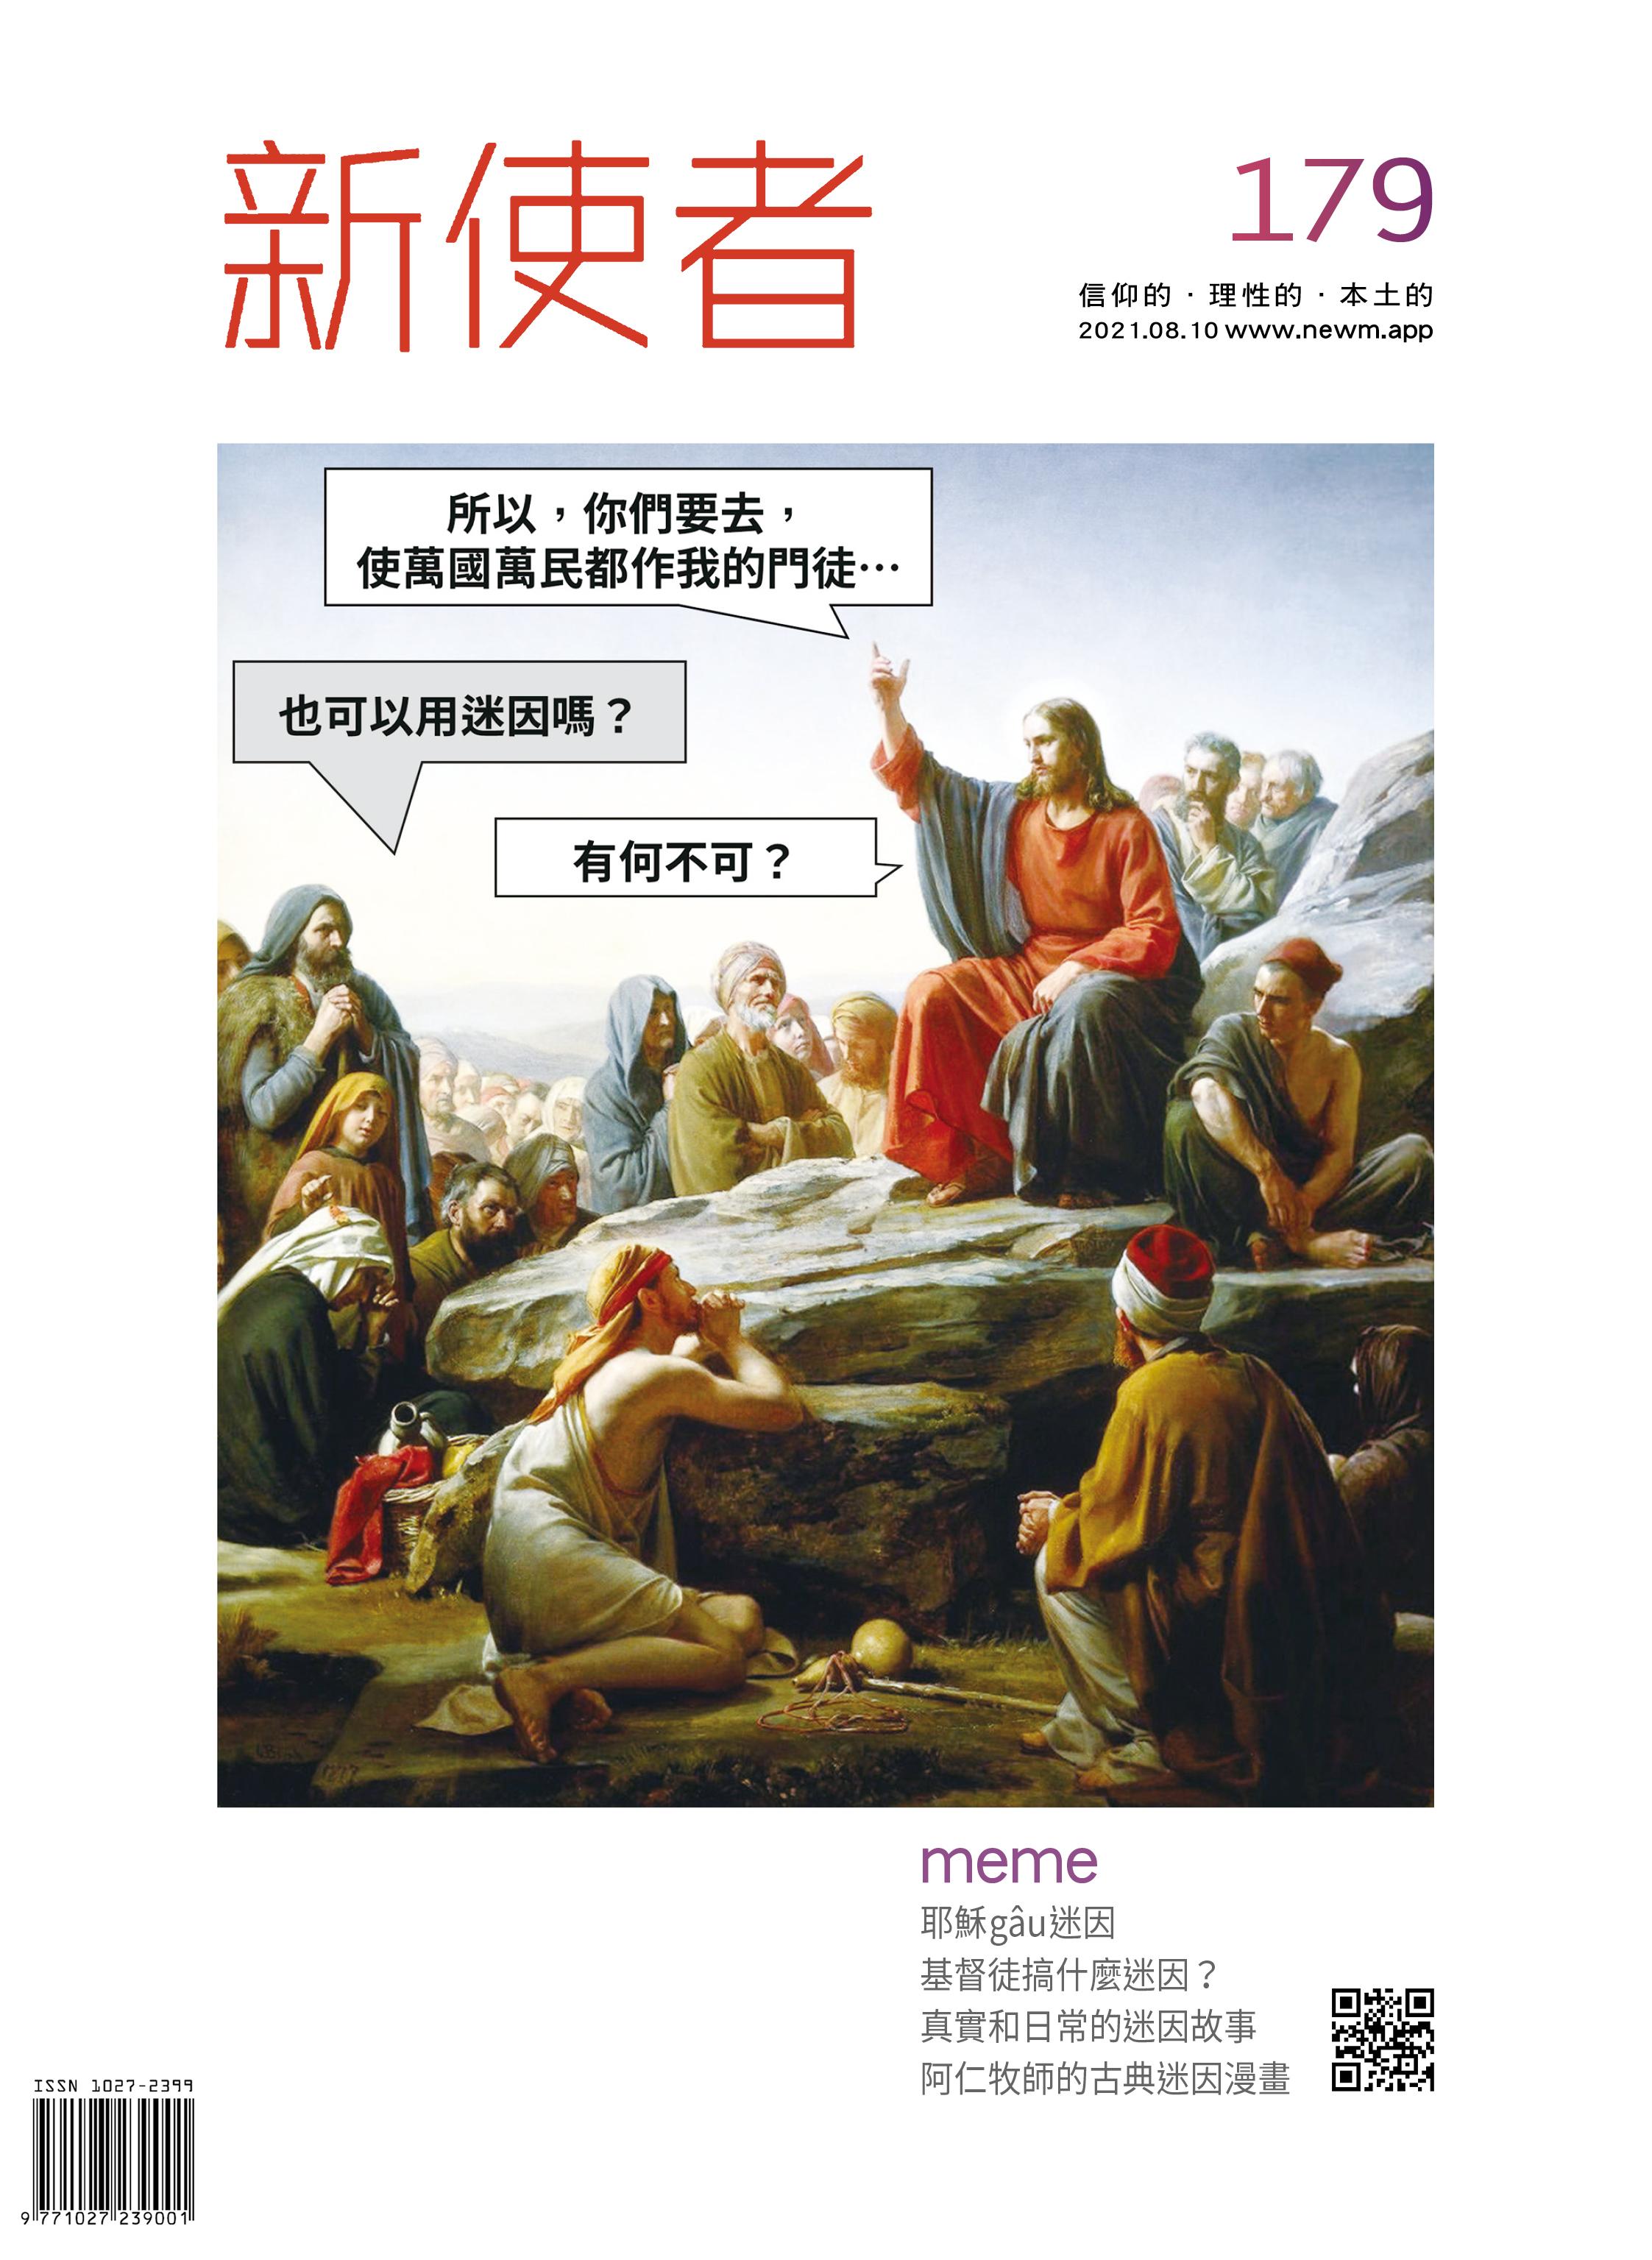 新使者雜誌 The New Messenger  179期  2021年  8月 meme